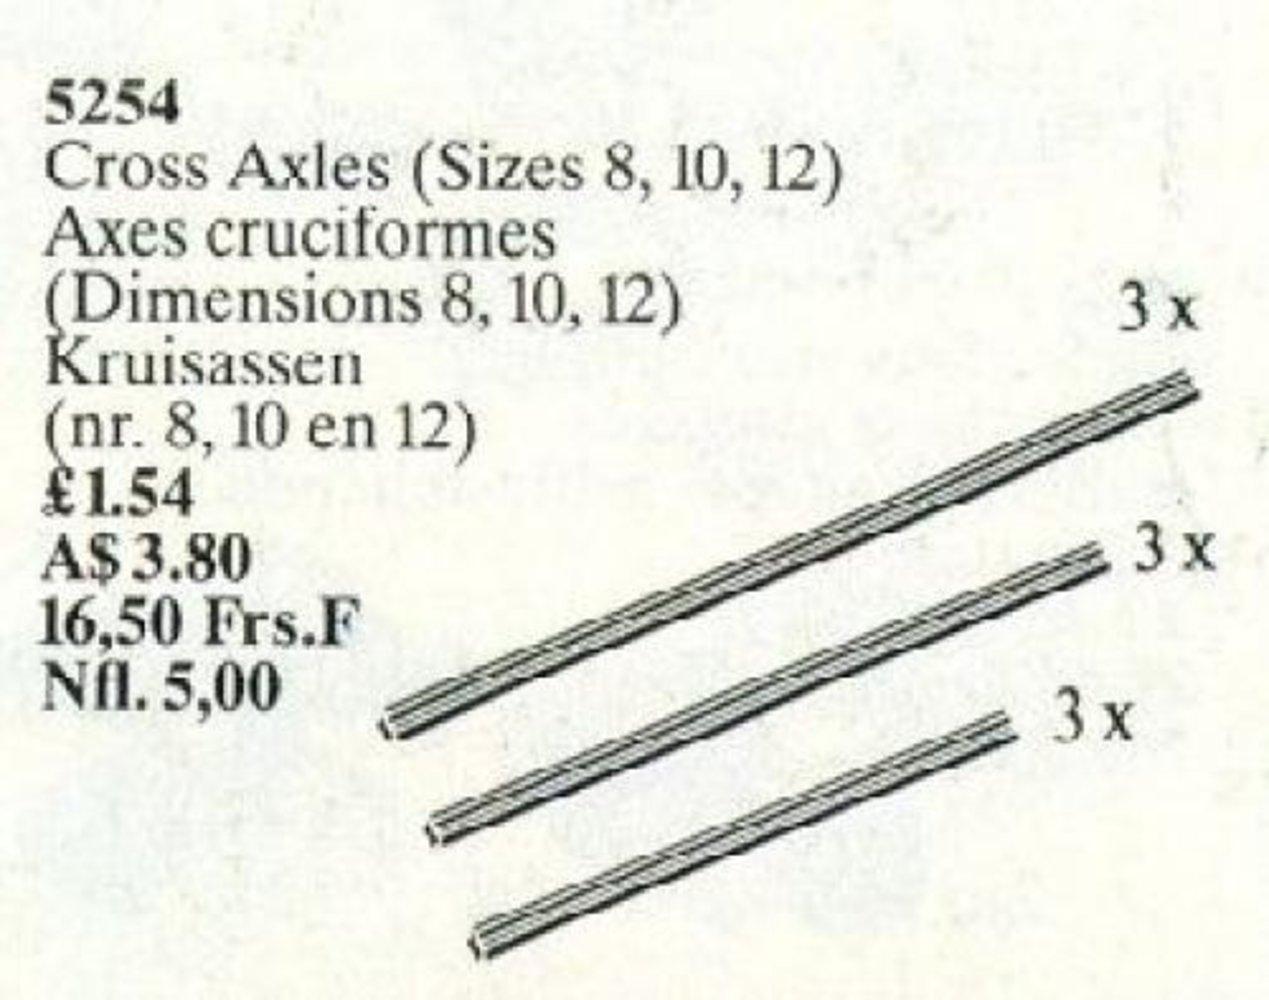 Cross Axles (Sizes 8, 10, 12)